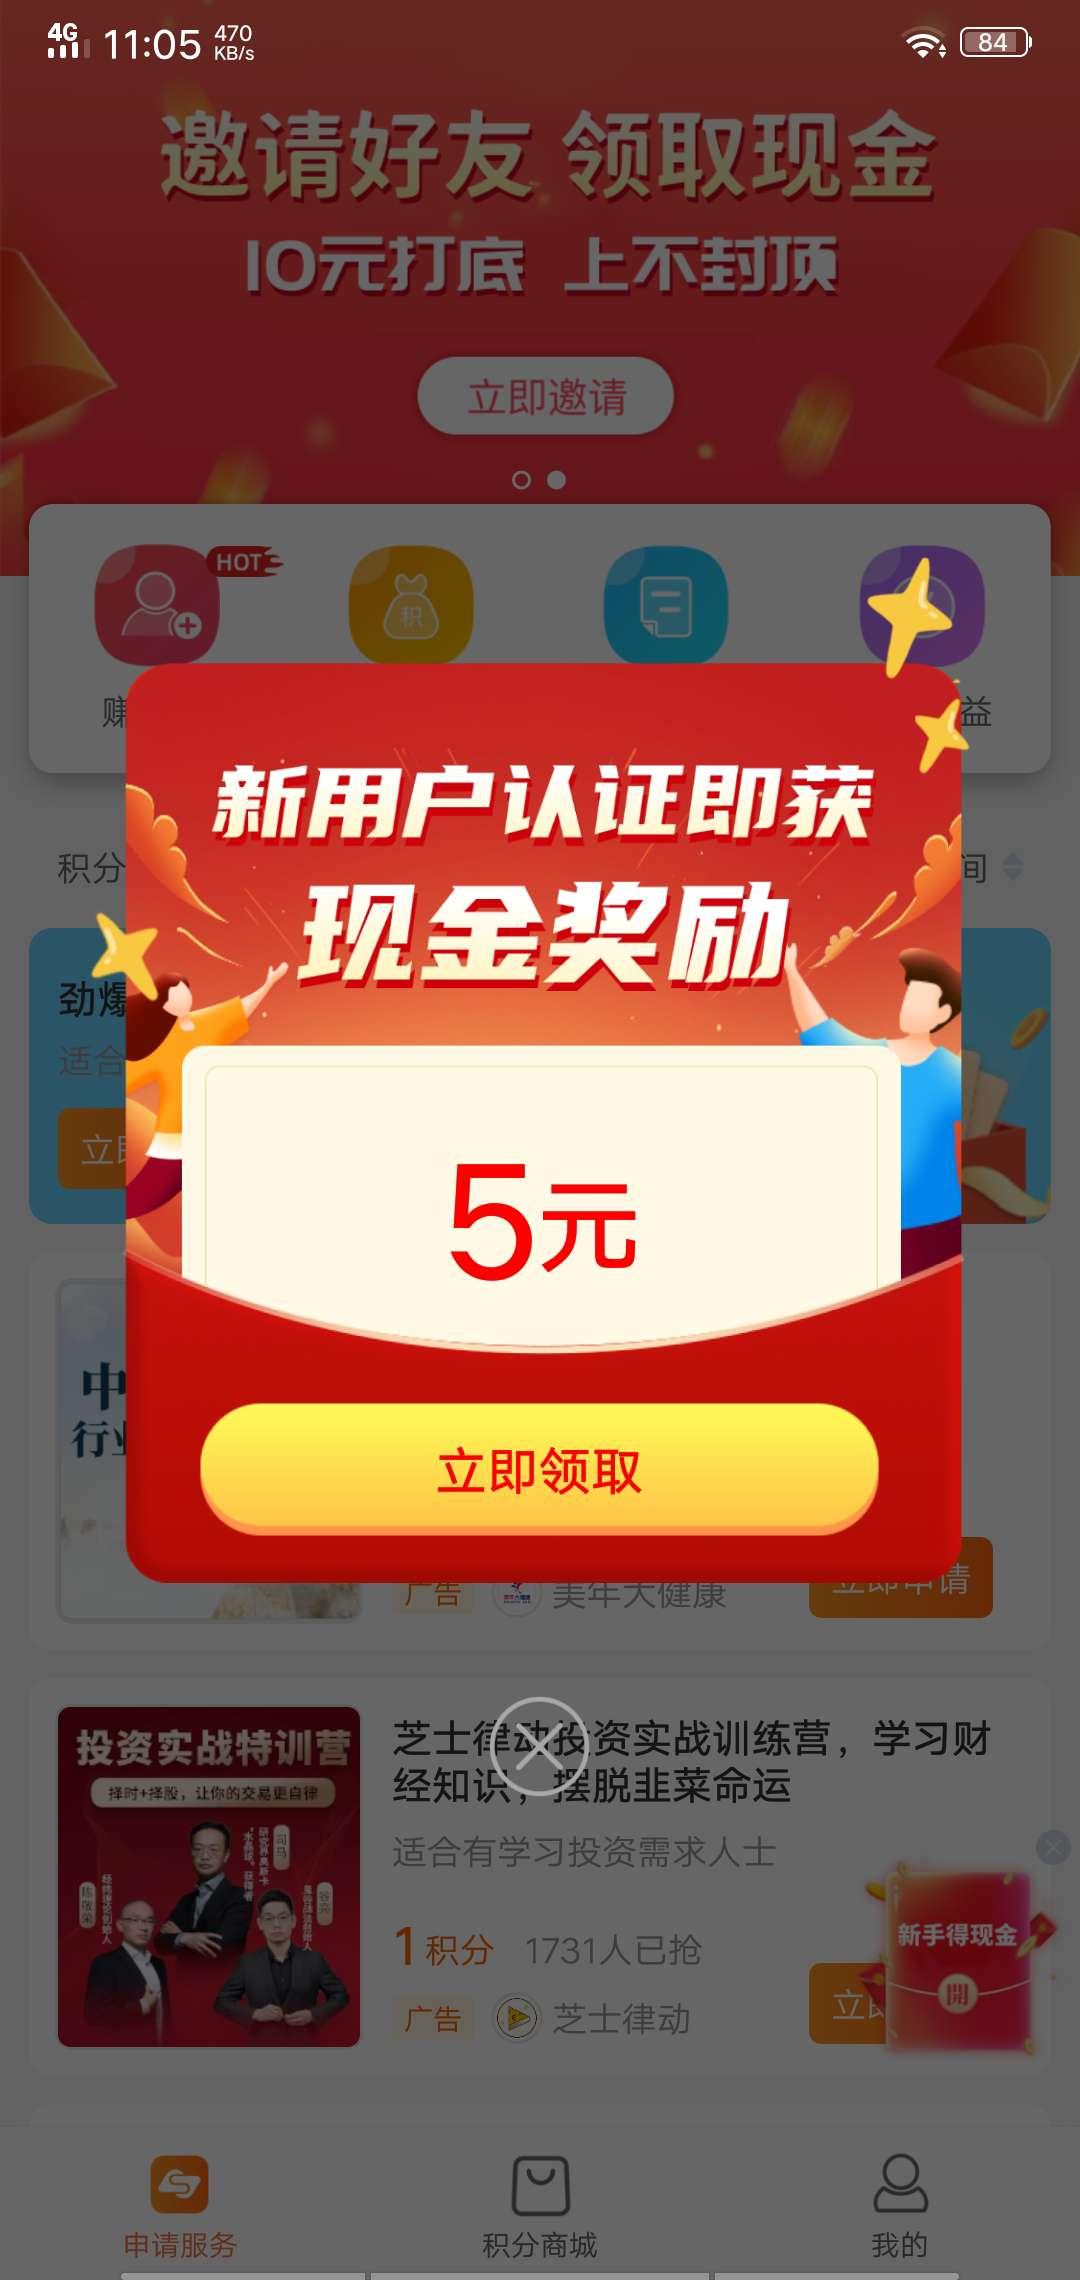 【现金红包】转优新用户5元(需实名认证)插图2